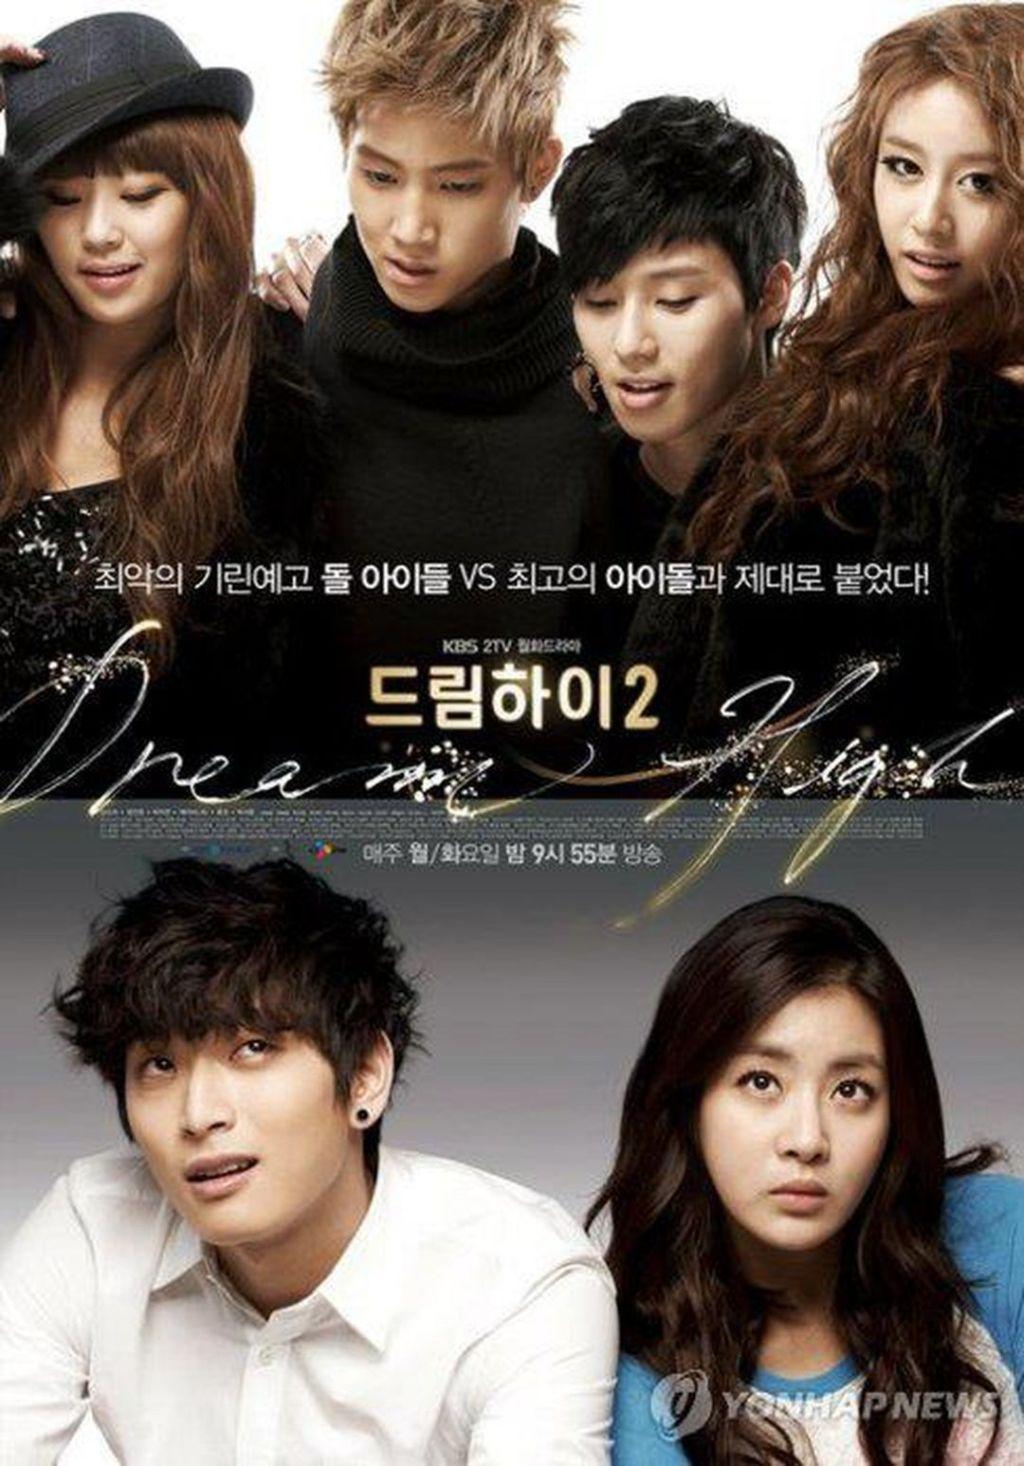 Sinopsis Dan Profil Lengkap Pemeran K-Drama Musical Popular Dream High 2 (2012)